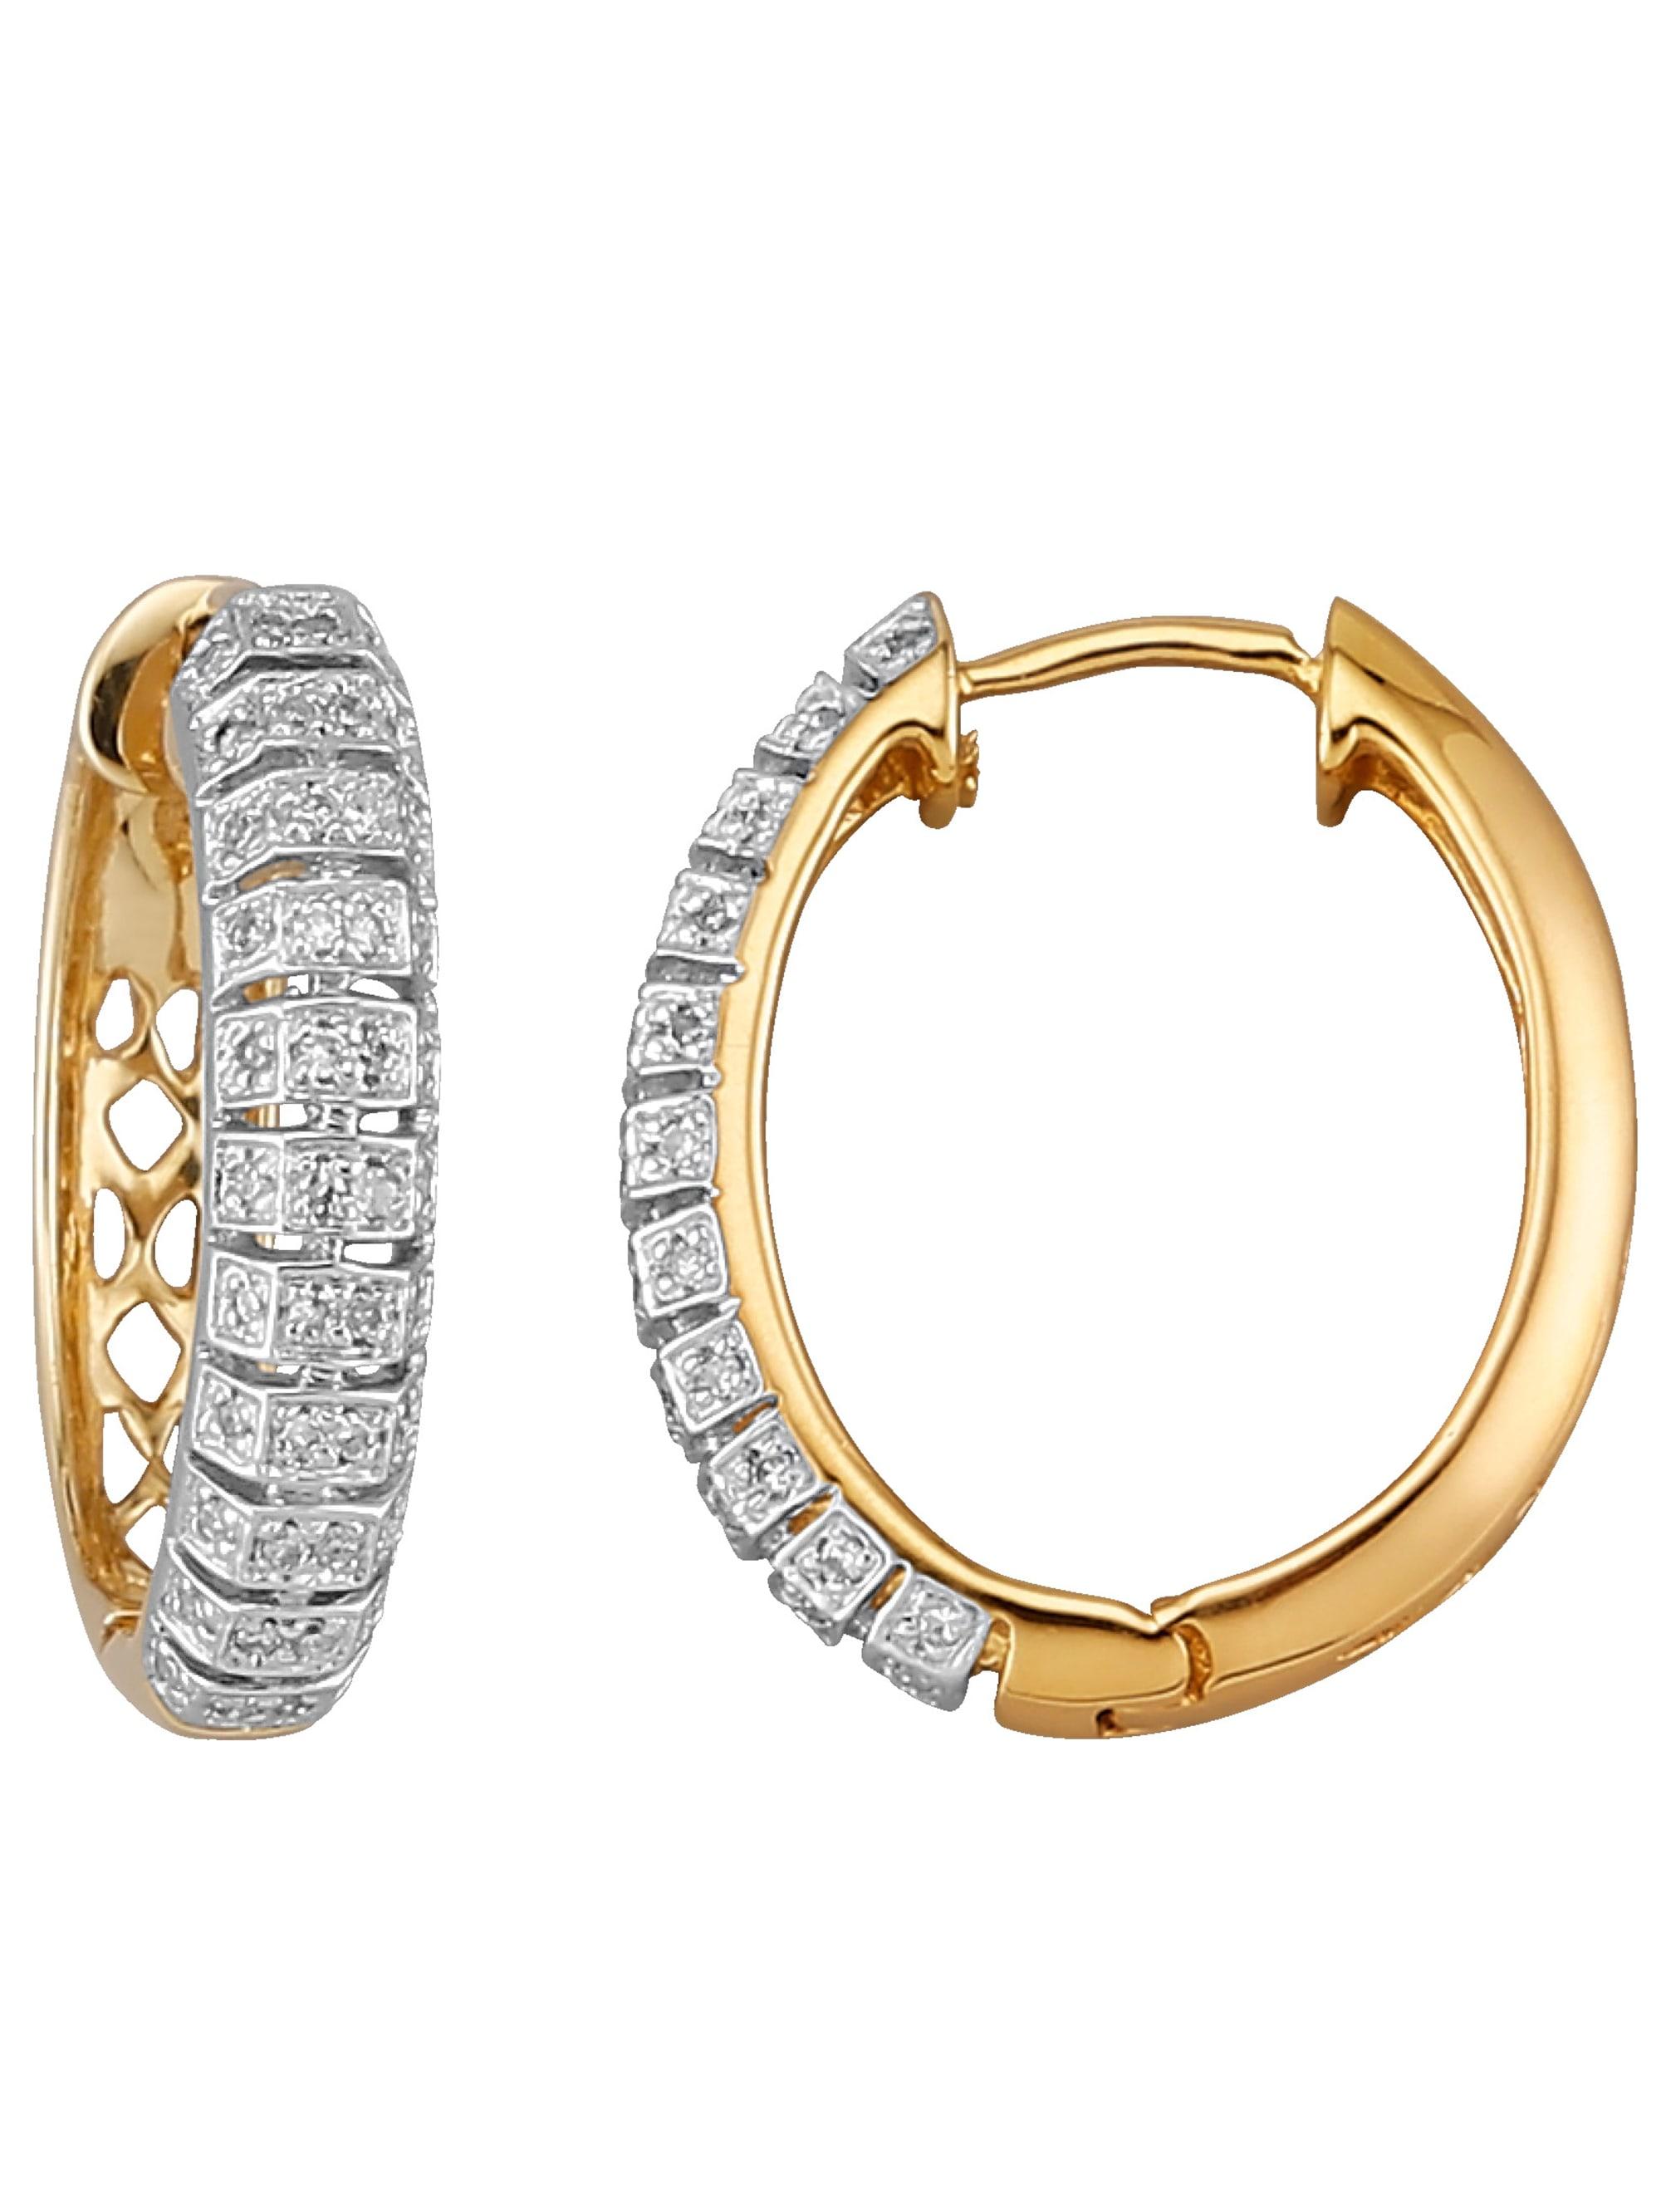 Diemer Diamant Creolen mit Brillanten g4bTp